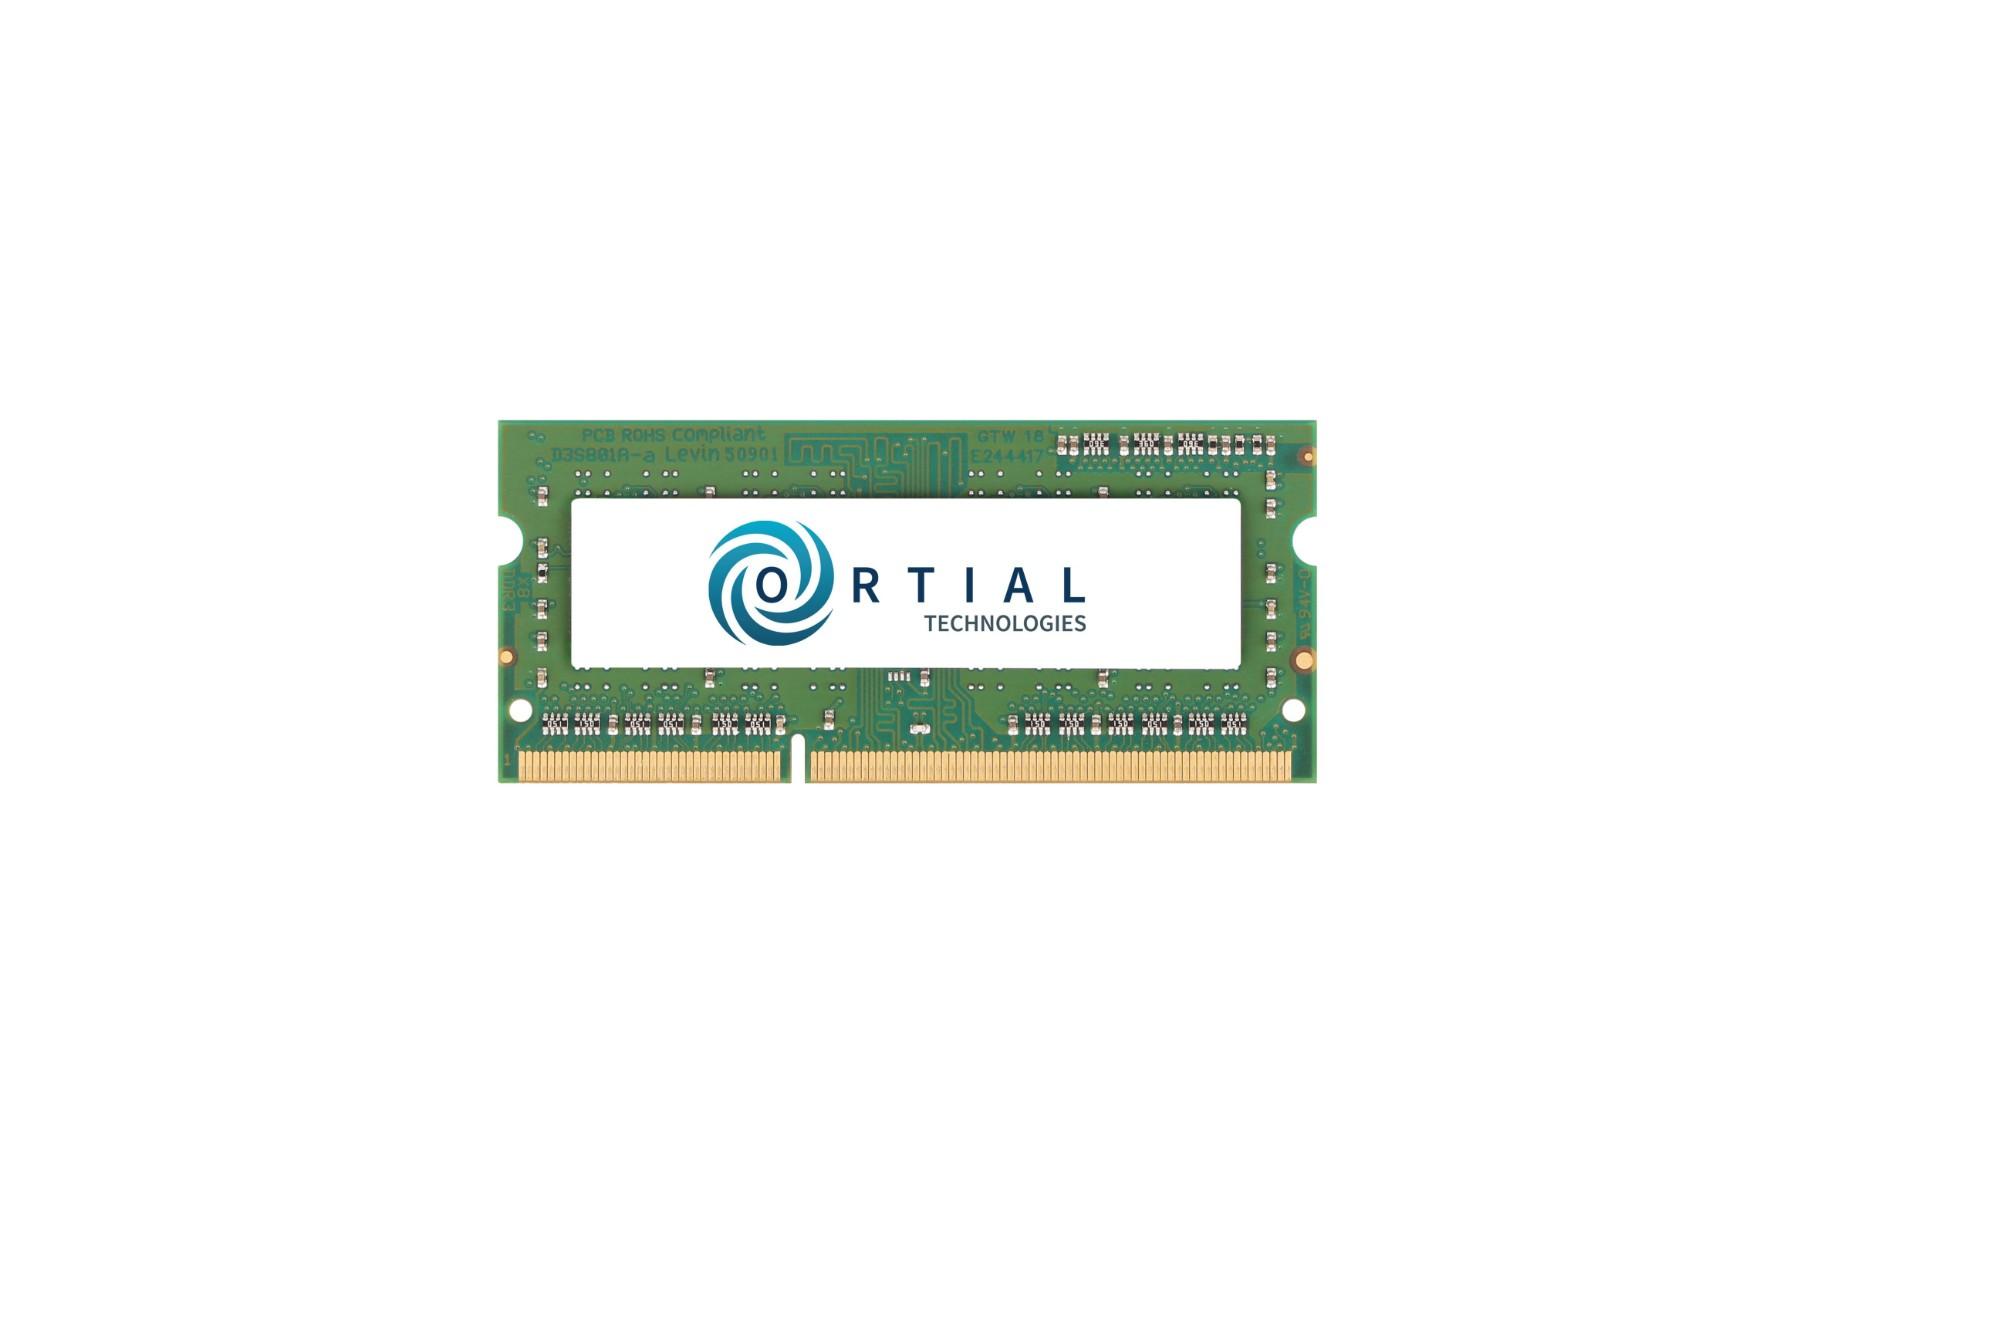 ORTIAL 16GB DDR4 2133 SODIMM